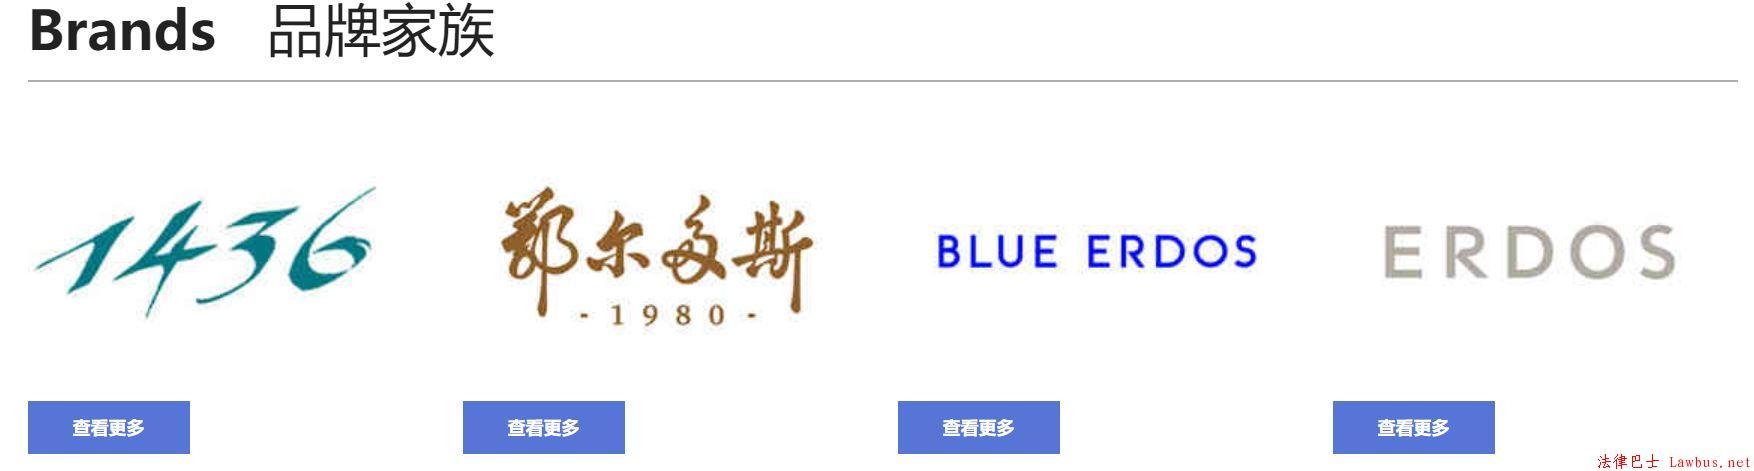 鄂尔多斯集团旗下五大羊绒品牌 ERDOS Men's、ERDOS Jeans、EMZ鄂尔多斯又是什么鬼